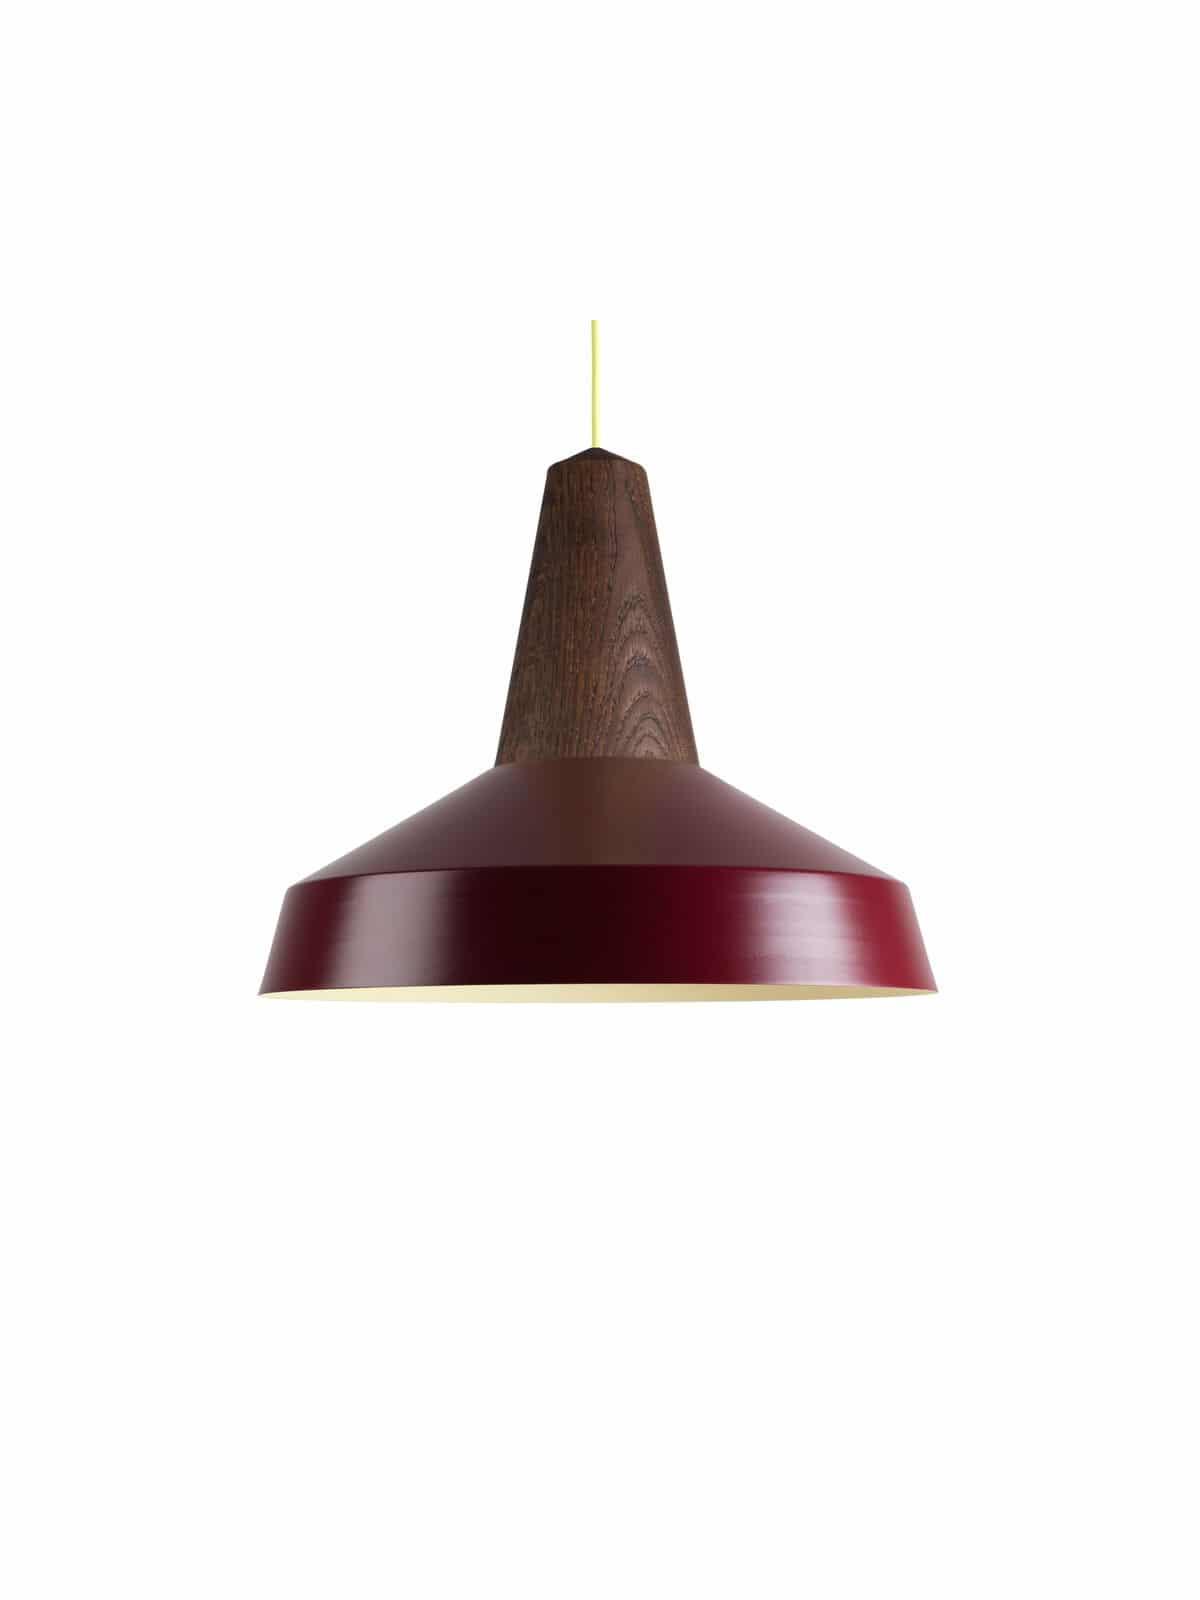 nachhaltige Leuchte mit wechselbarem Lampenschirm Eikon Circus von Schneid